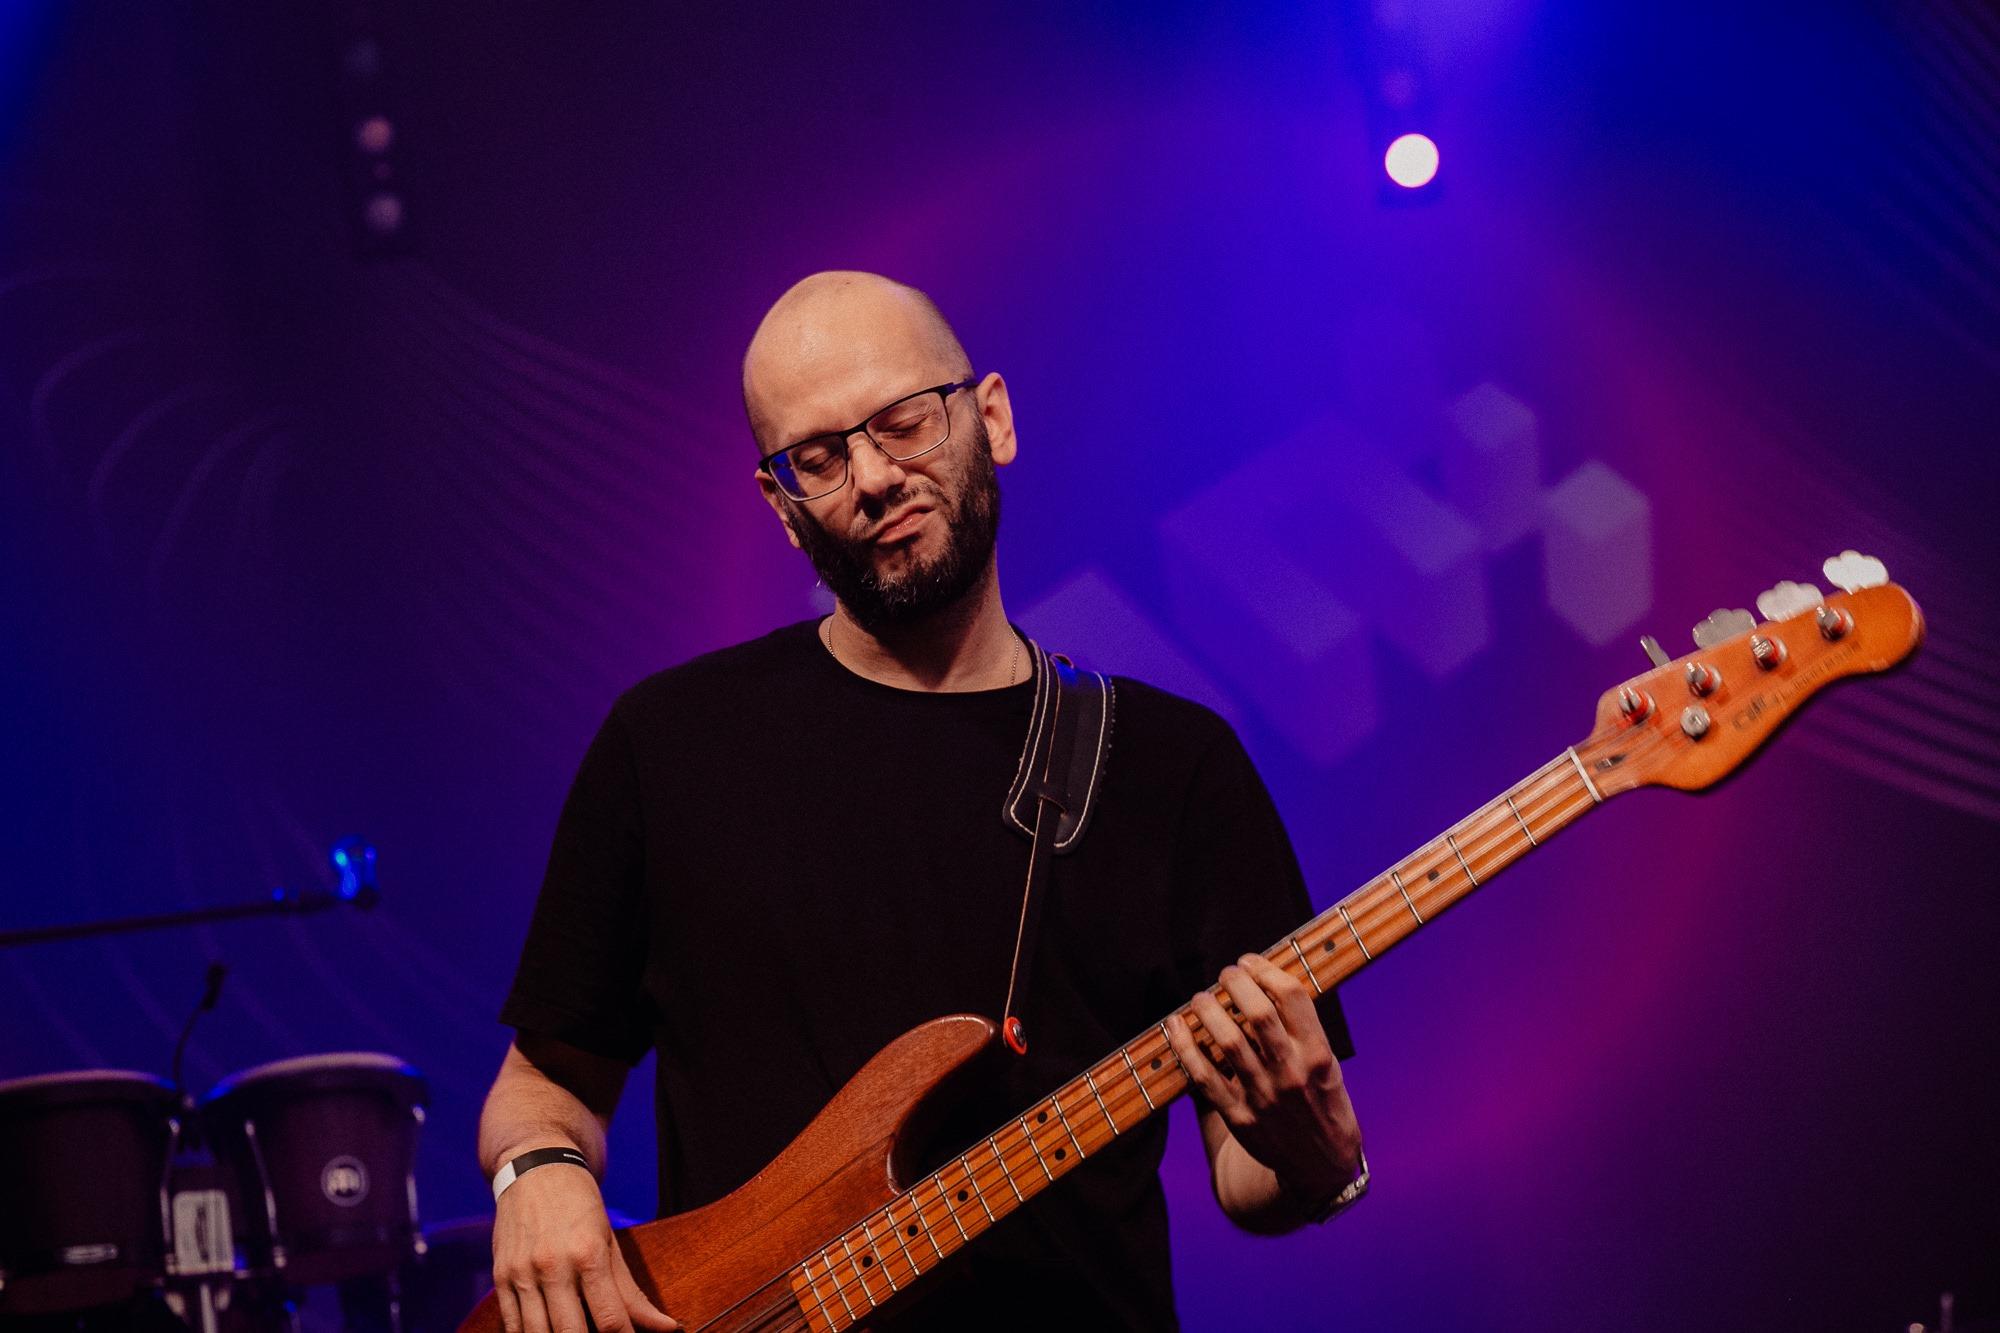 [Zdjęcie z koncertu przedstawia mężczyznę w okularach oraz w ciemnej koszulce. Mężczyzna gra na gitarze. W tle widoczne jest logo festiwalu Wschód Kultury - Inne Brzmienia. Scena oświetlona jest na niebiesko i różowo.]